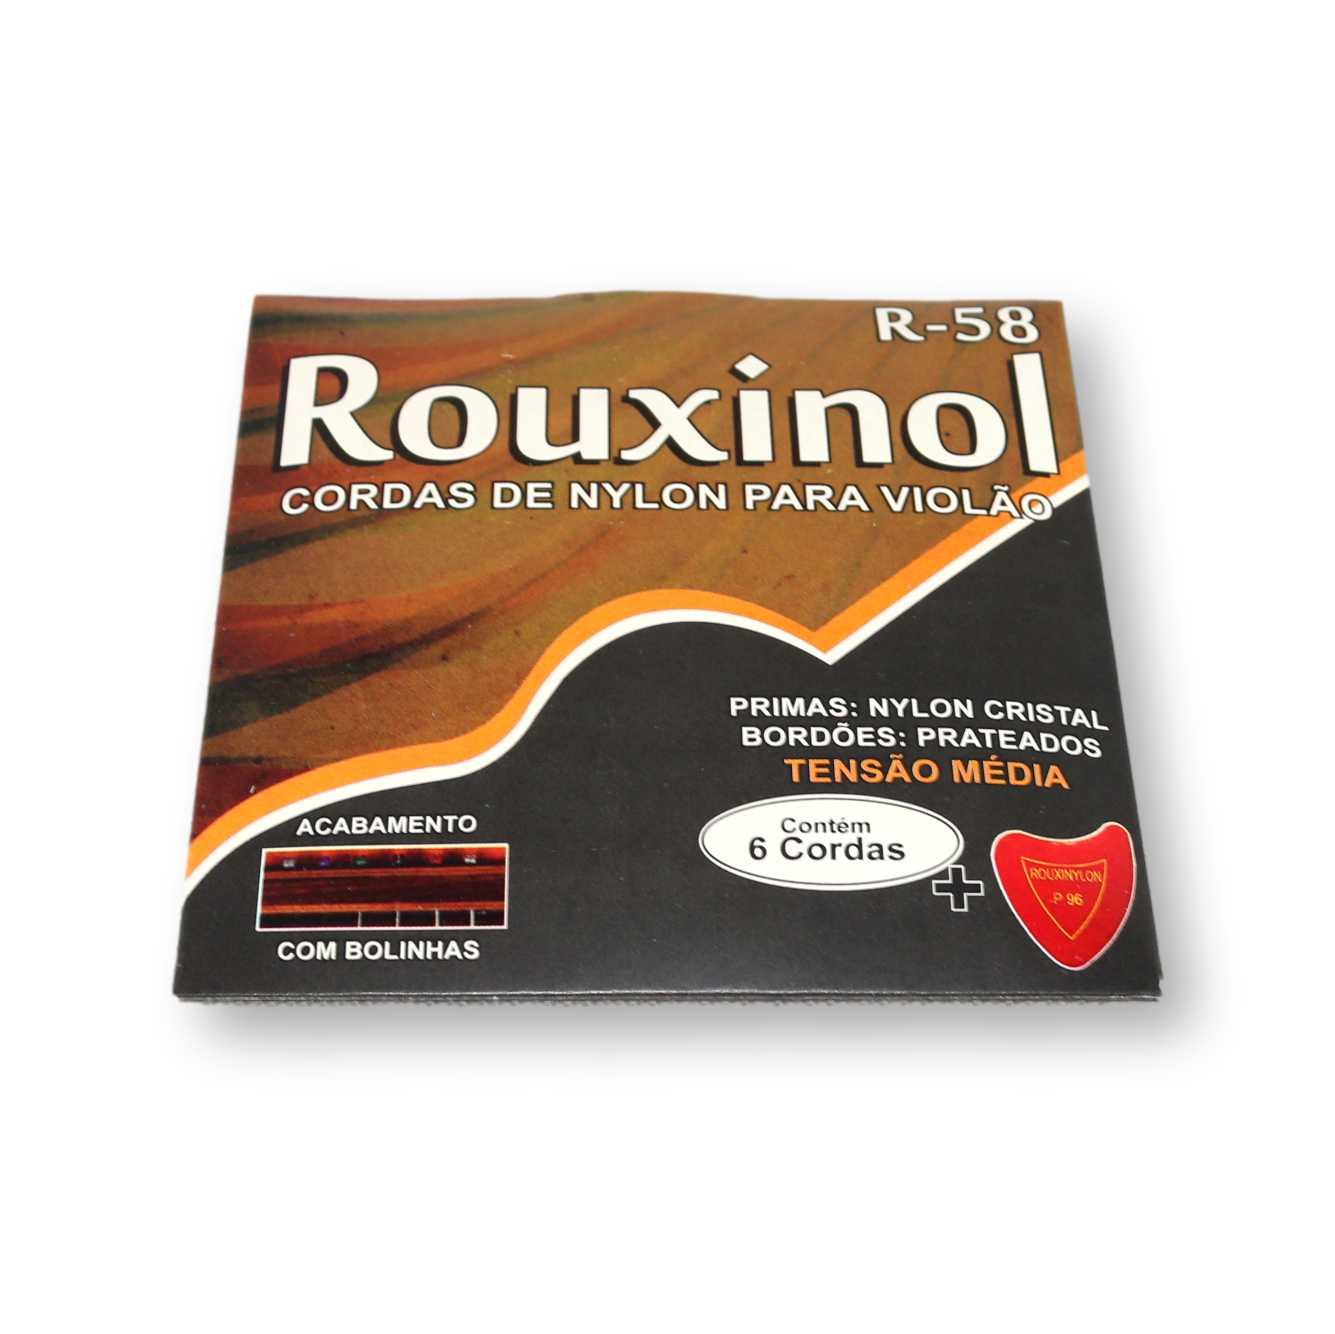 Encordoamento Violão Nylon Rouxinol R58 Tensão Media com Bolinha